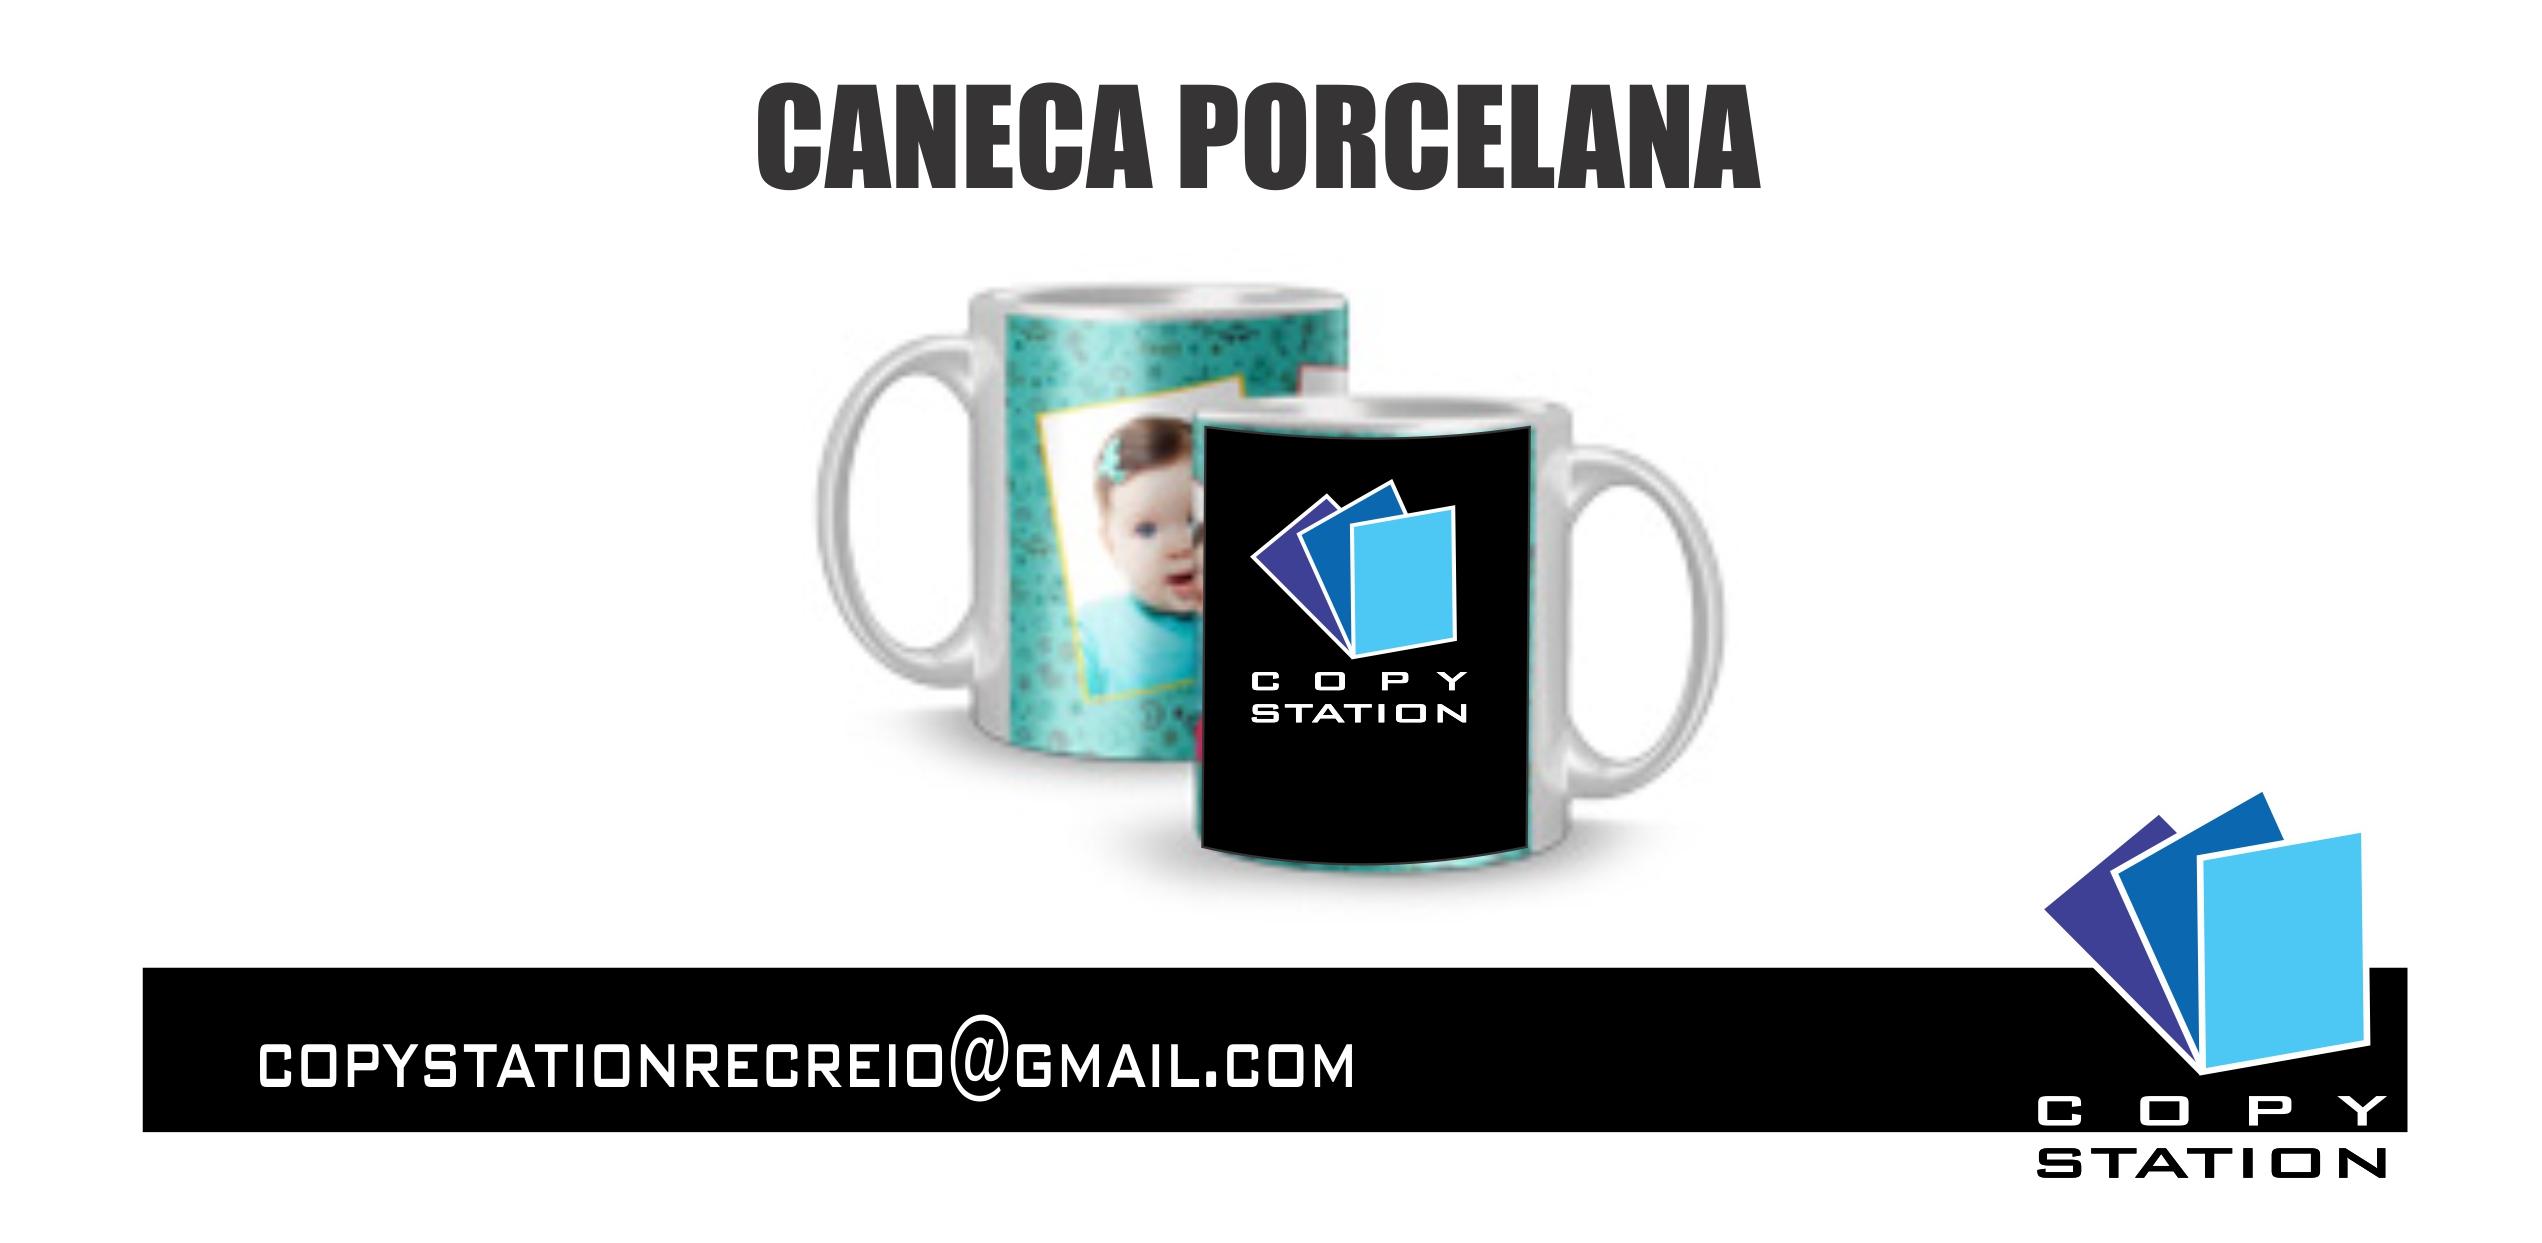 CANECA PORCELANA